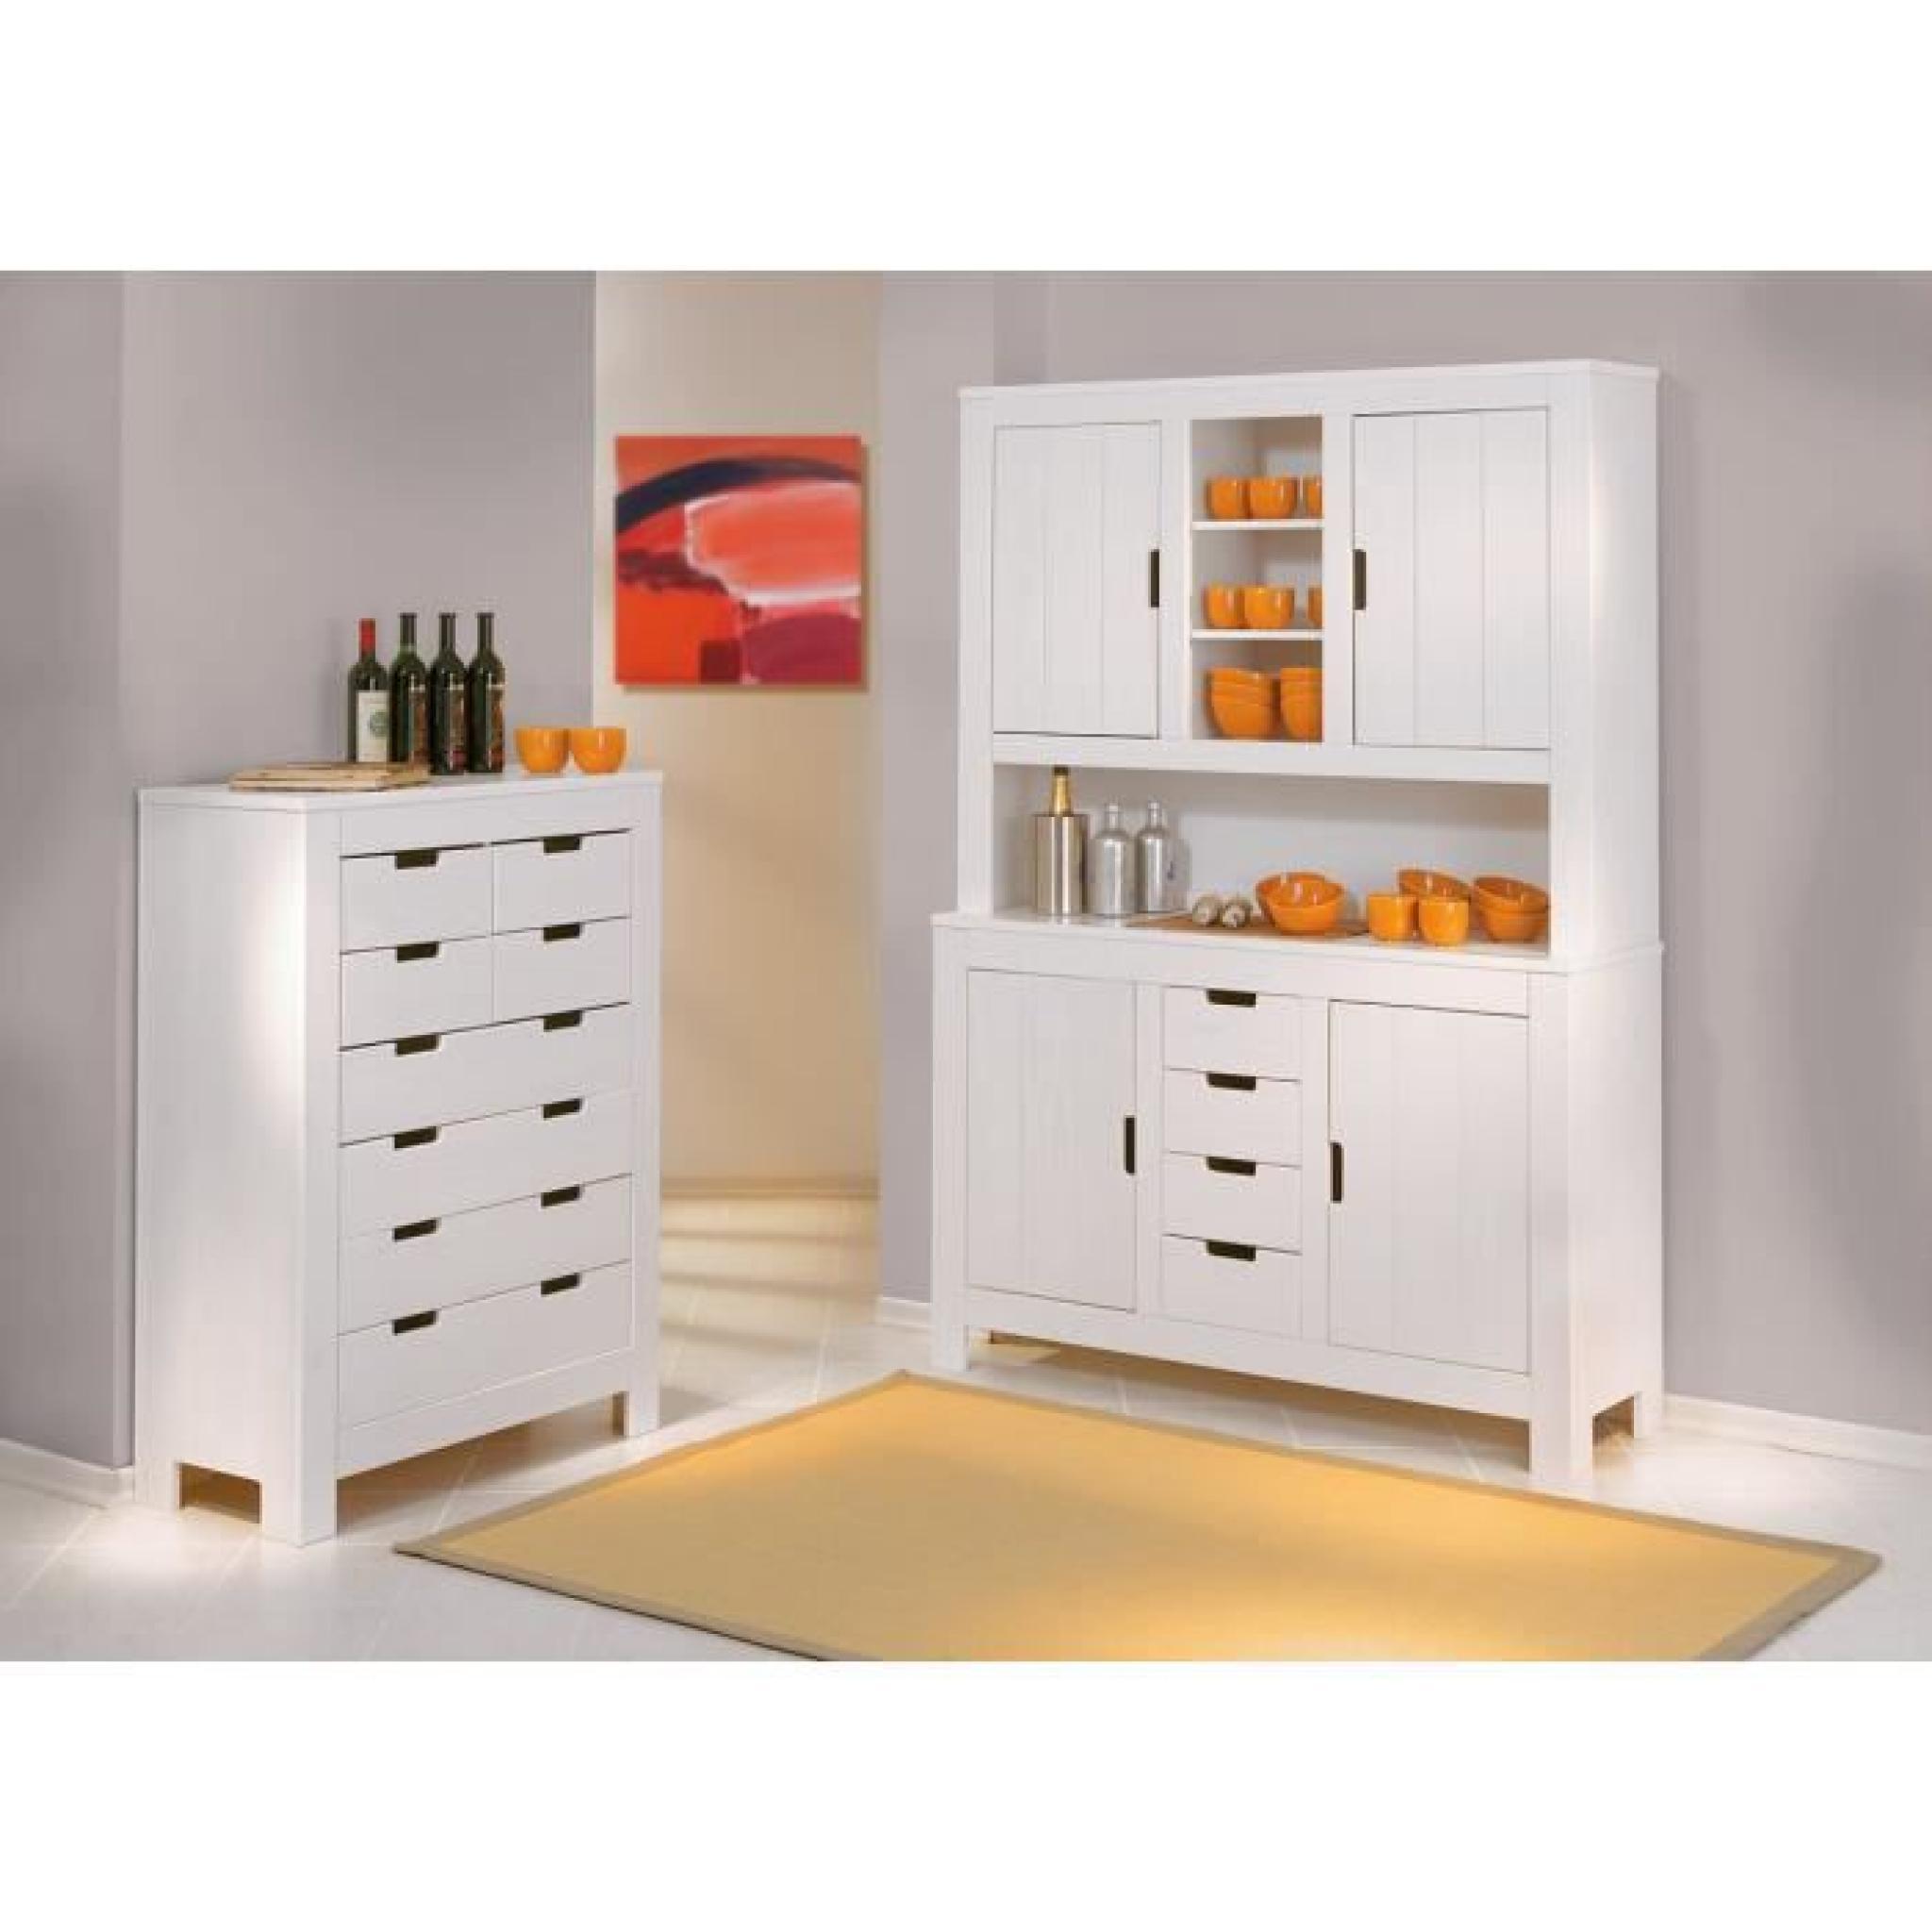 vaisselier blanc pas cher Miliboo - Buffet vaisselier blanc pin massif GAIA pas cher